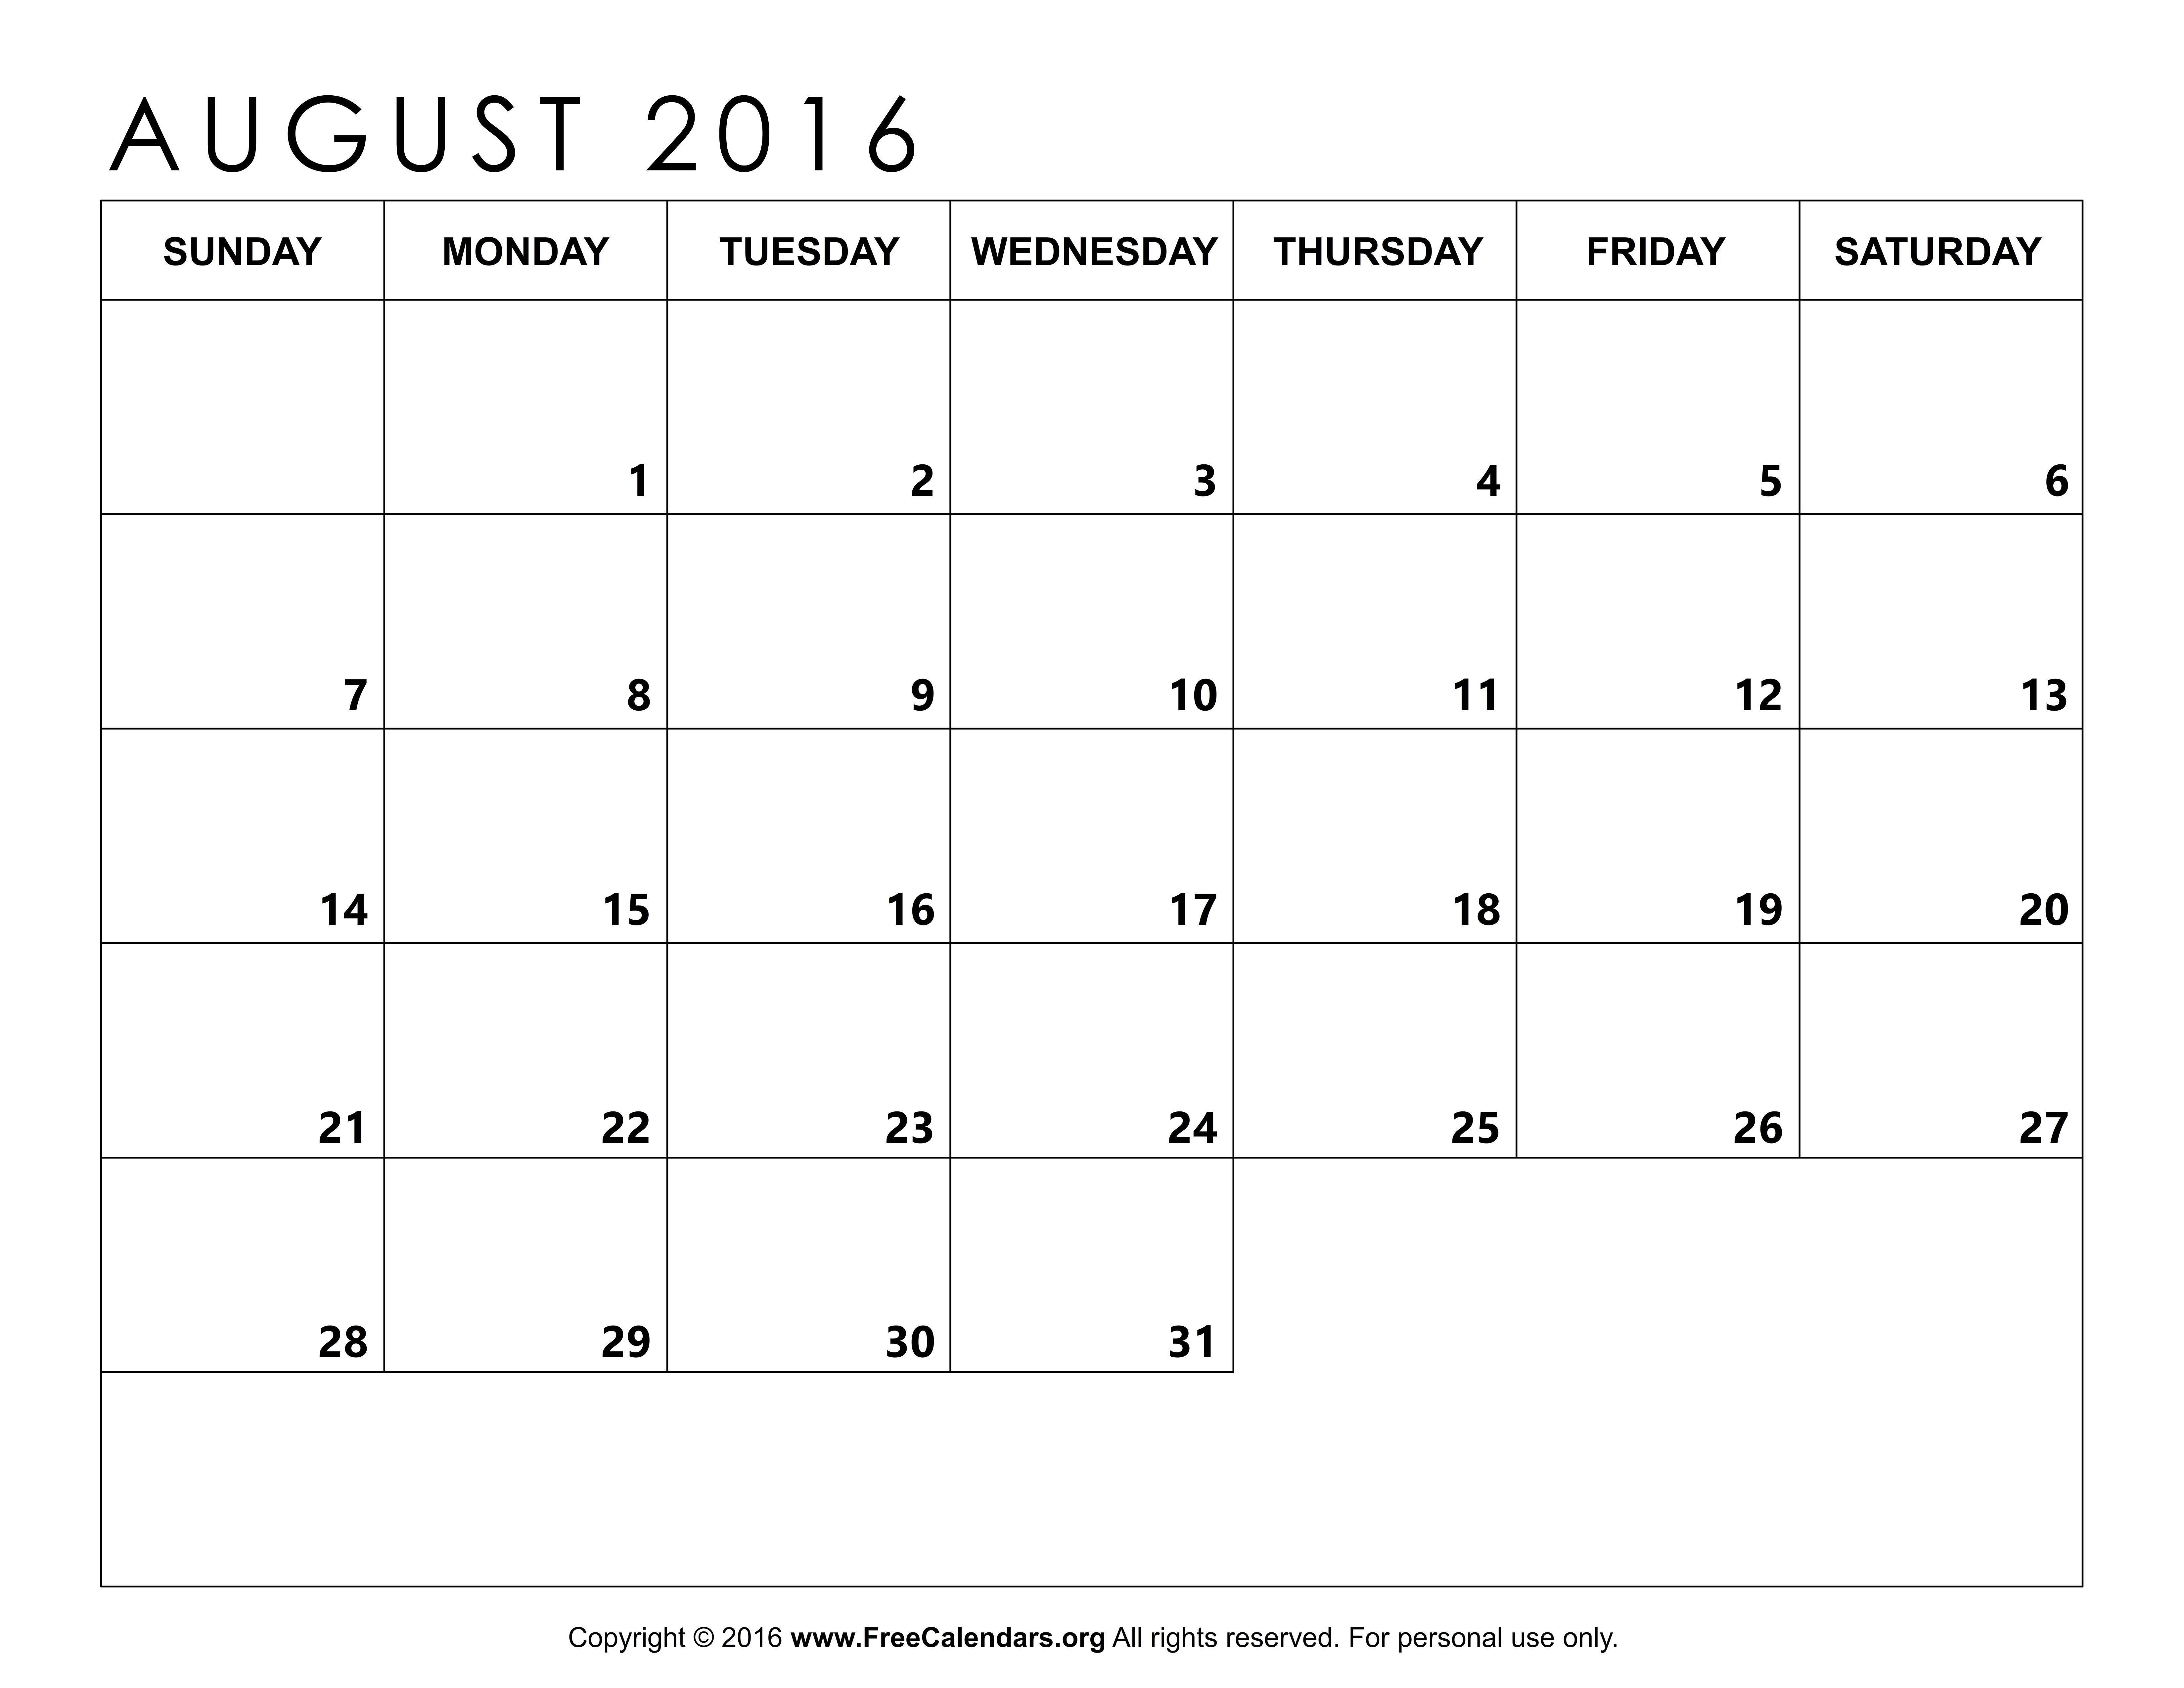 Calendar August 2016 Template Templates Calendar 2016 Calendar